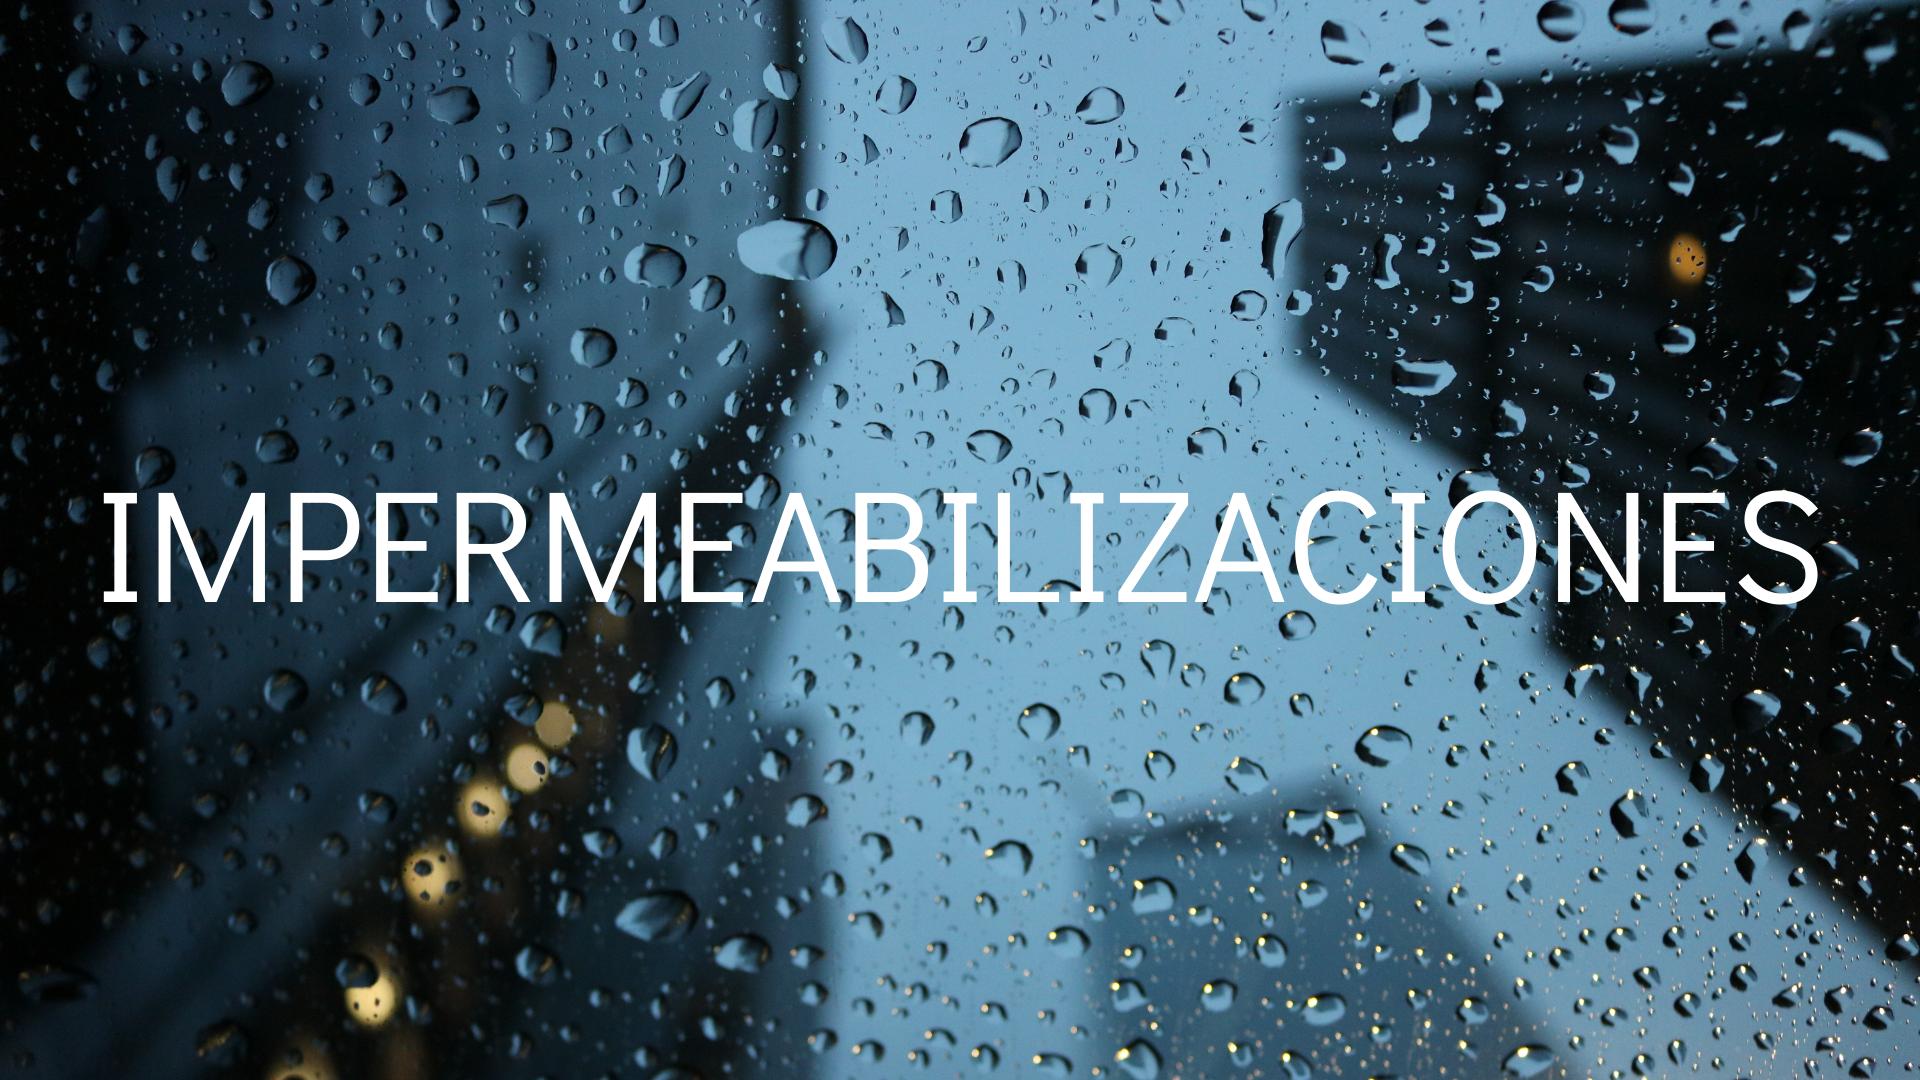 Impermeabilización Cádiz